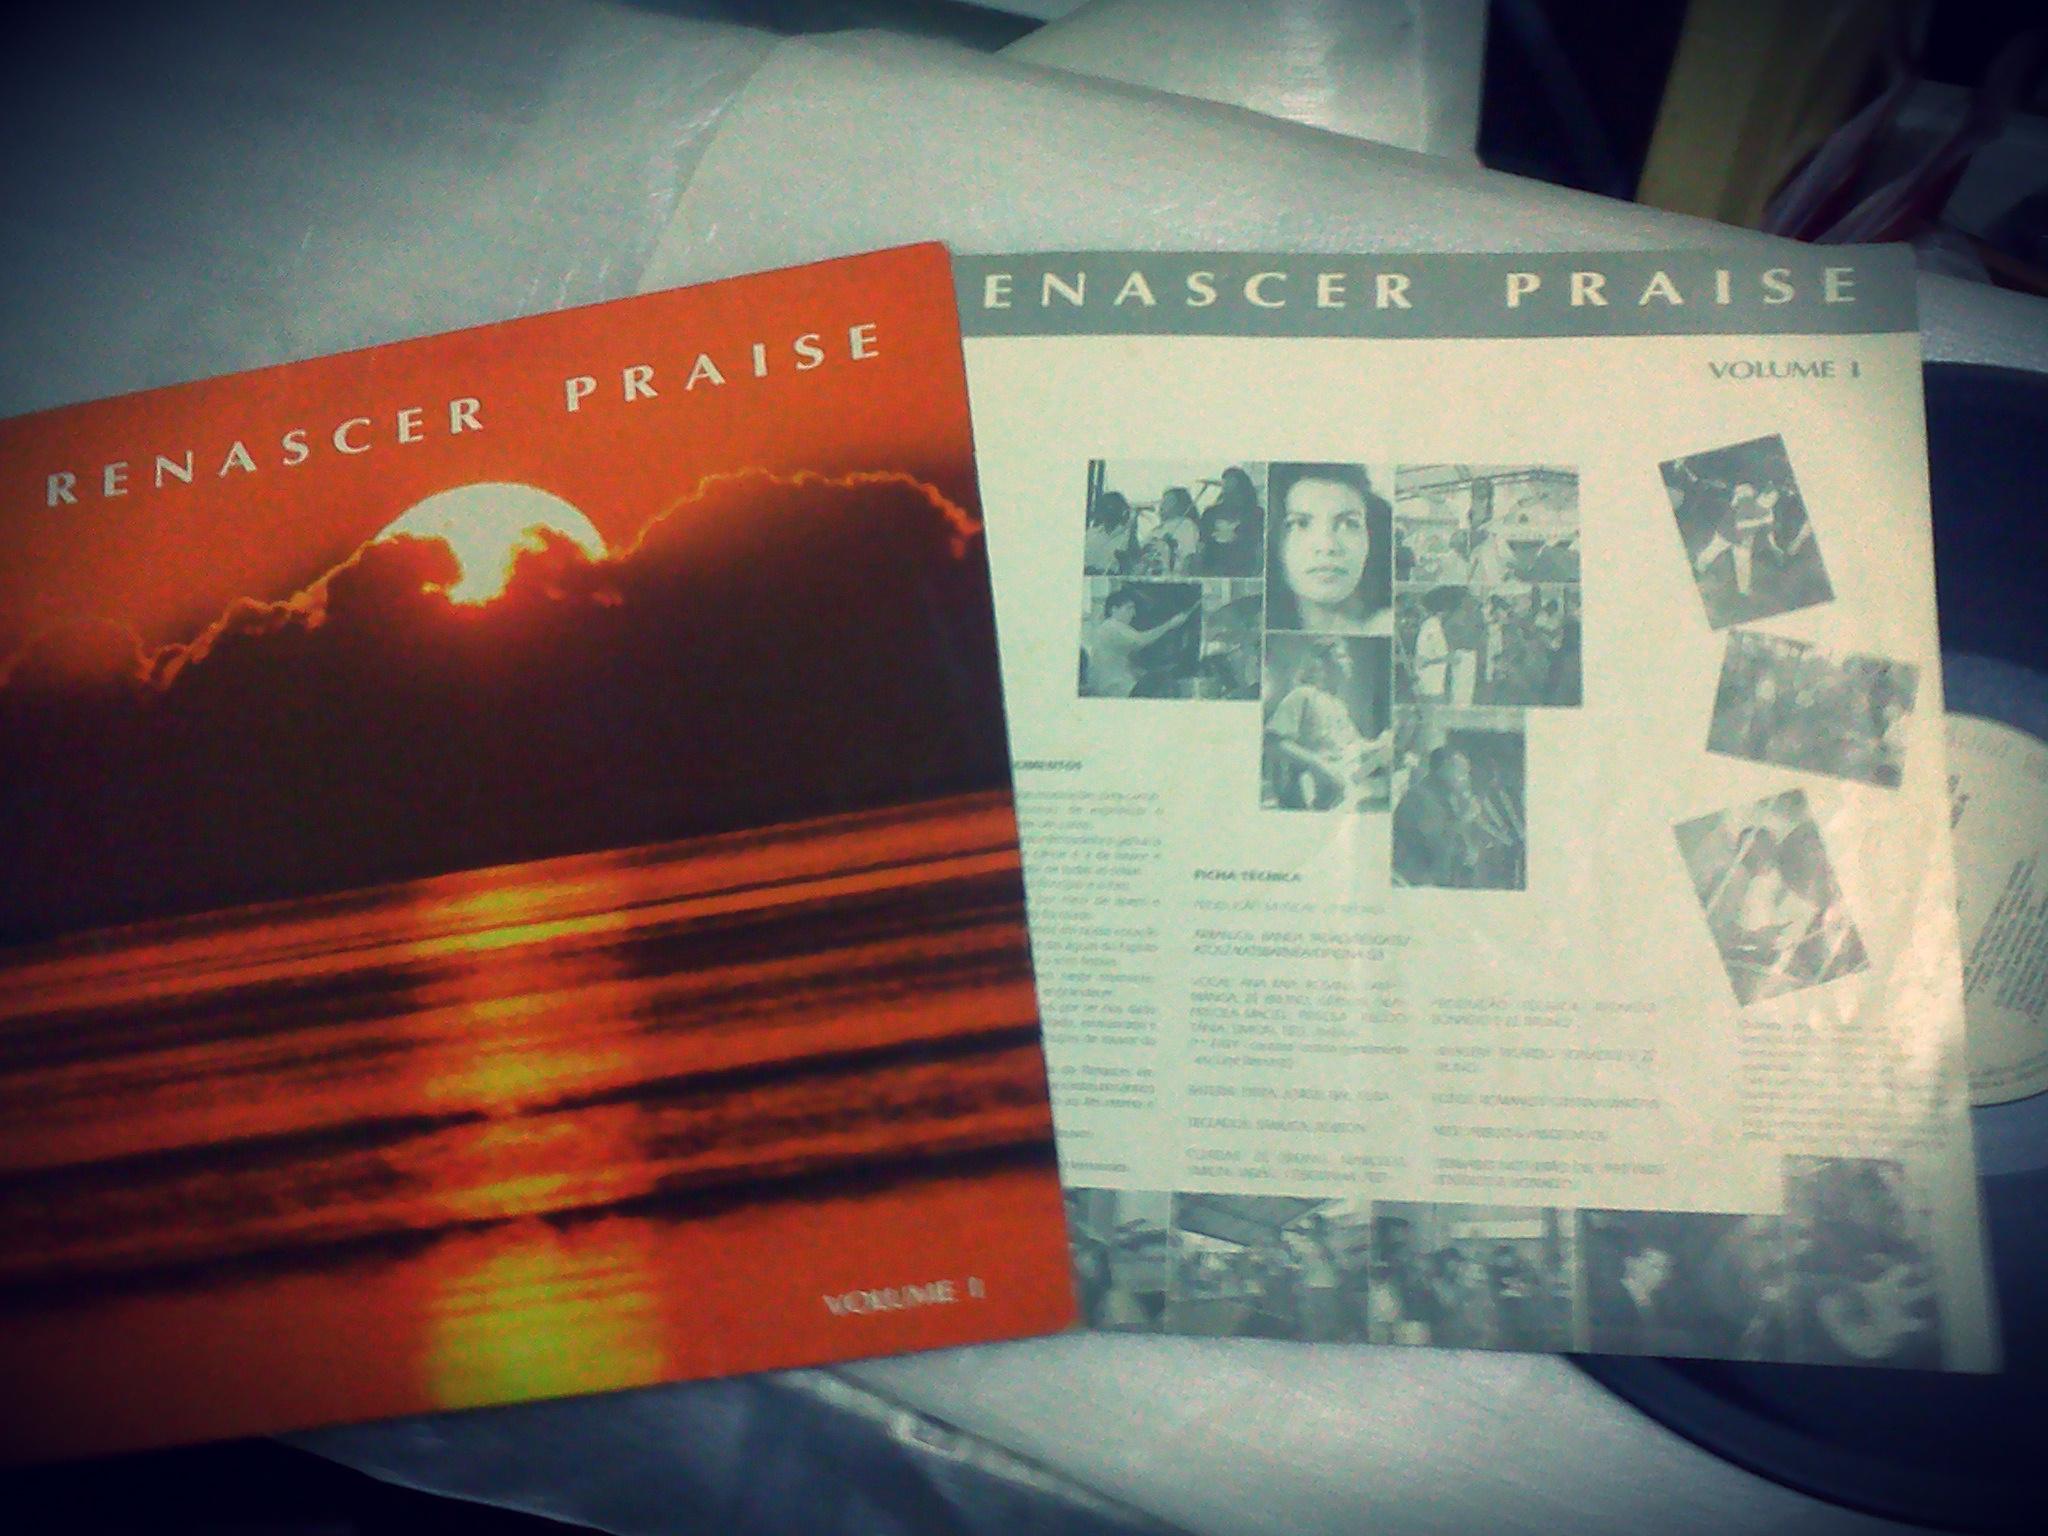 Resultado de imagem para renascer praise 1